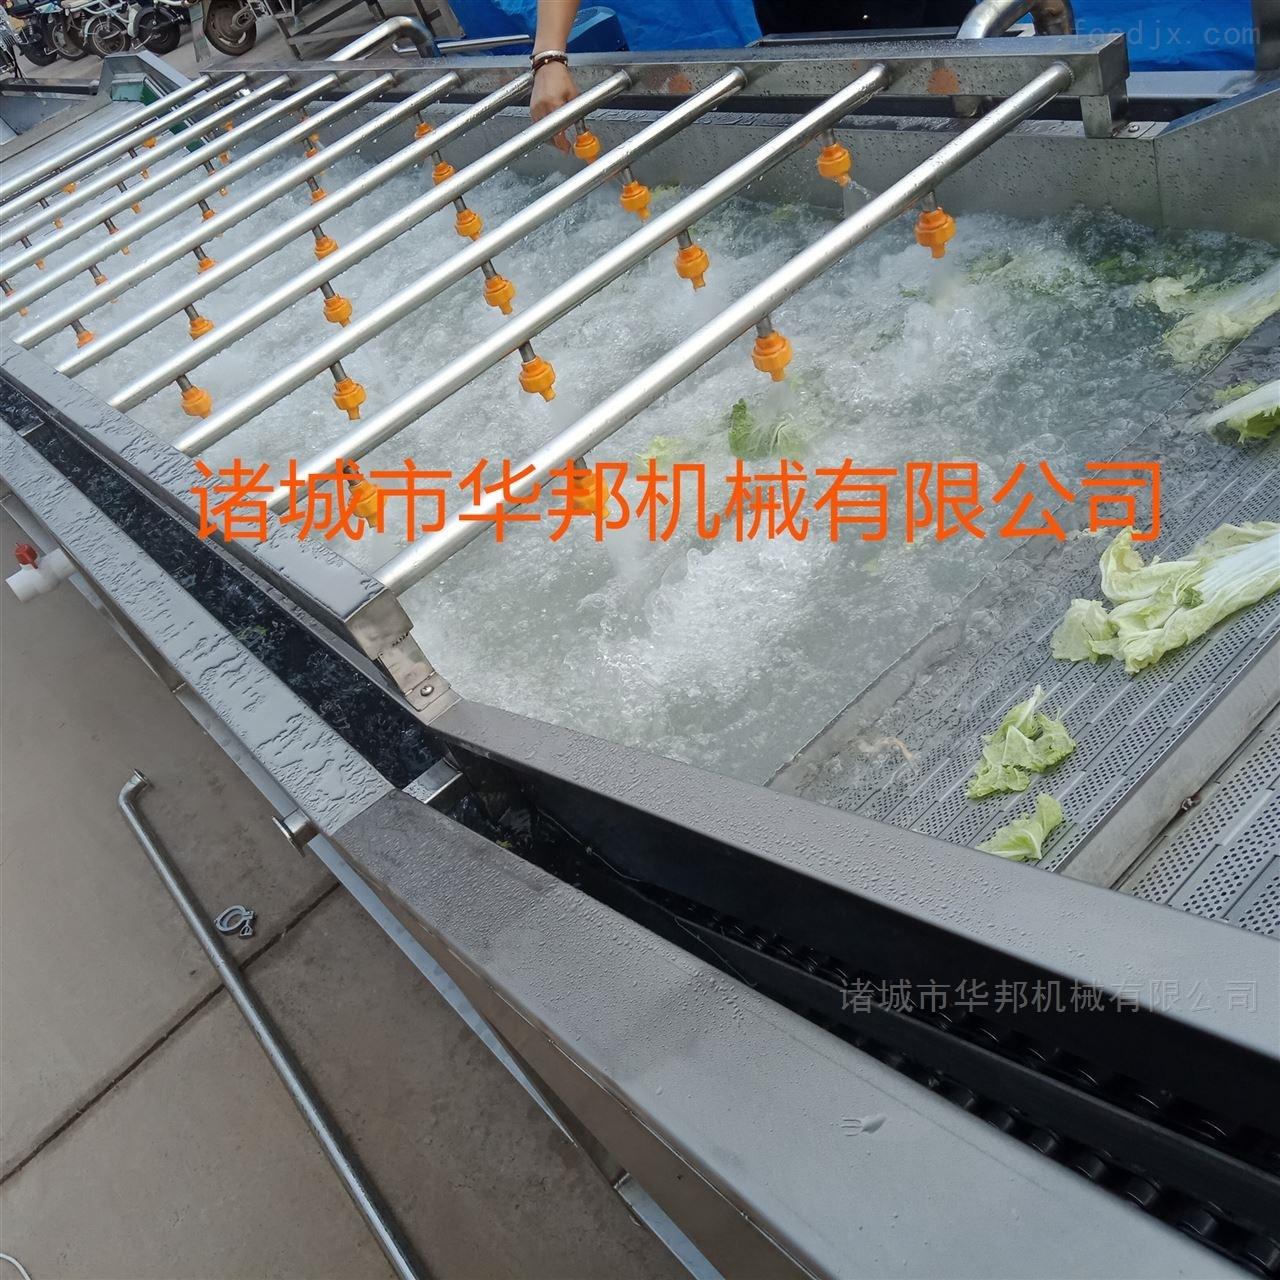 华邦专业研发果蔬清洗机 蔬菜清洗流水线